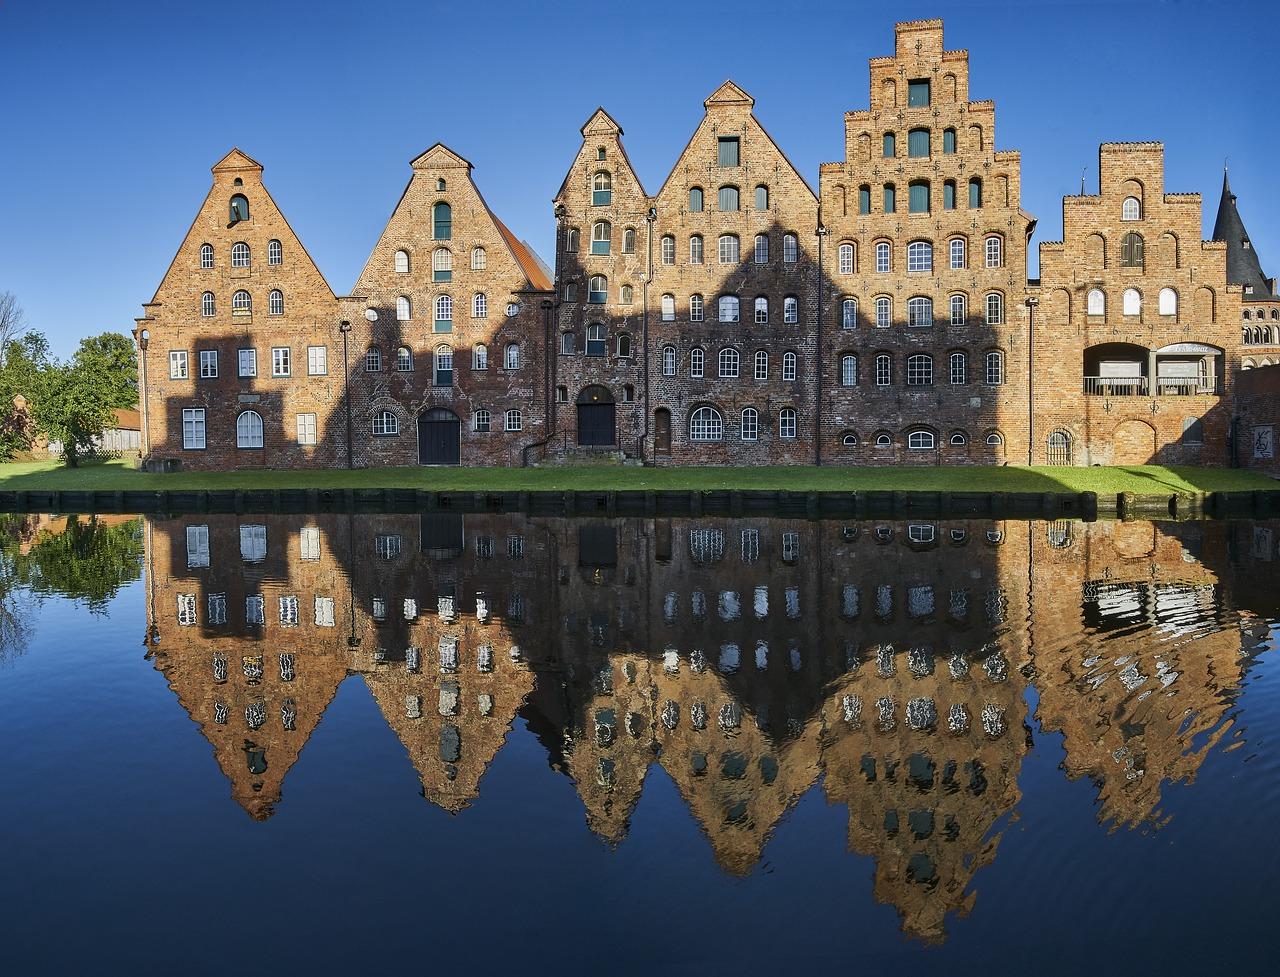 Foto: Nordseher (www.pixabay.com)